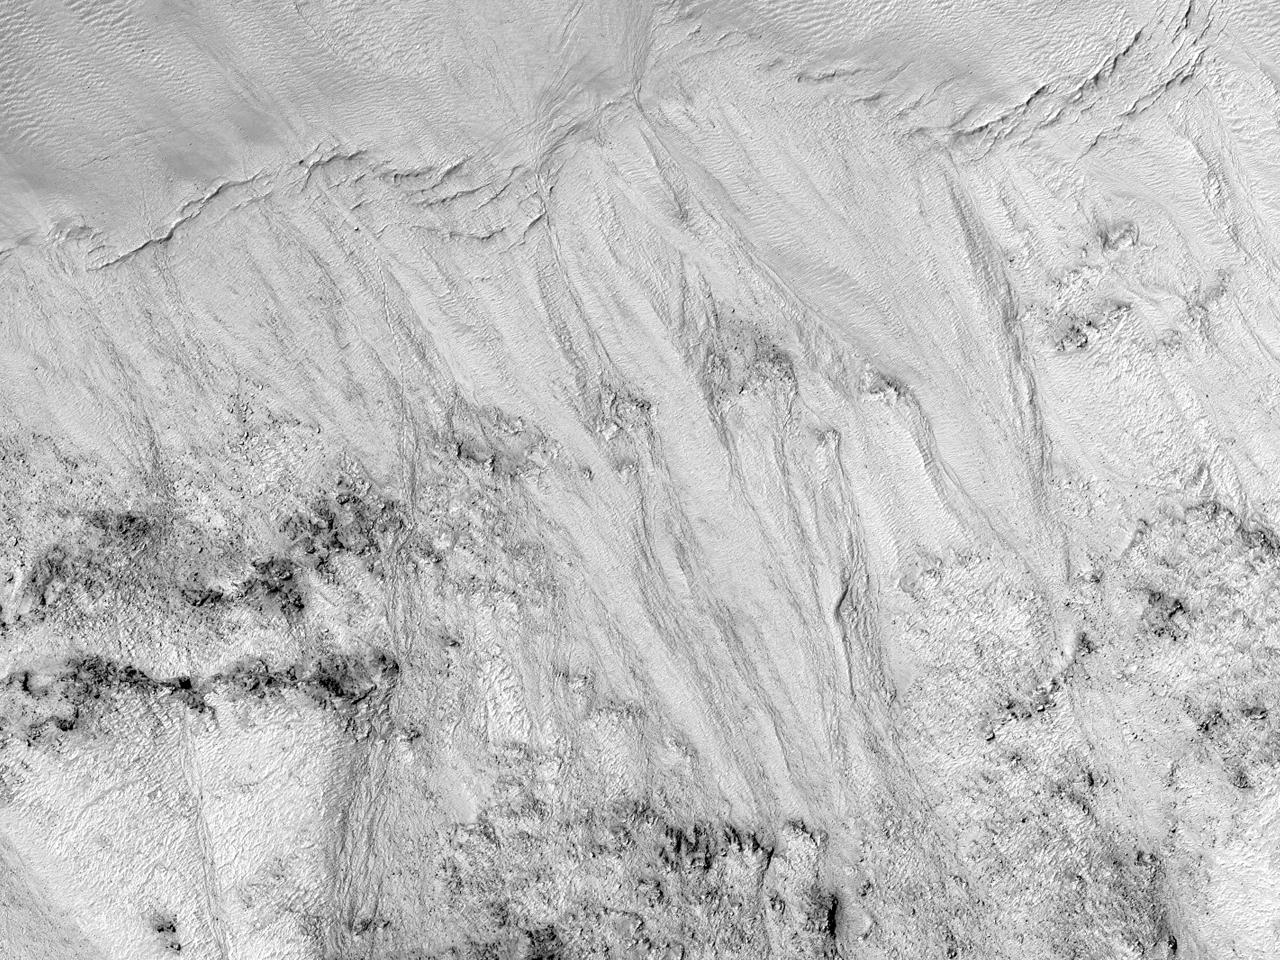 Raviner i veggen av Galle-krateret